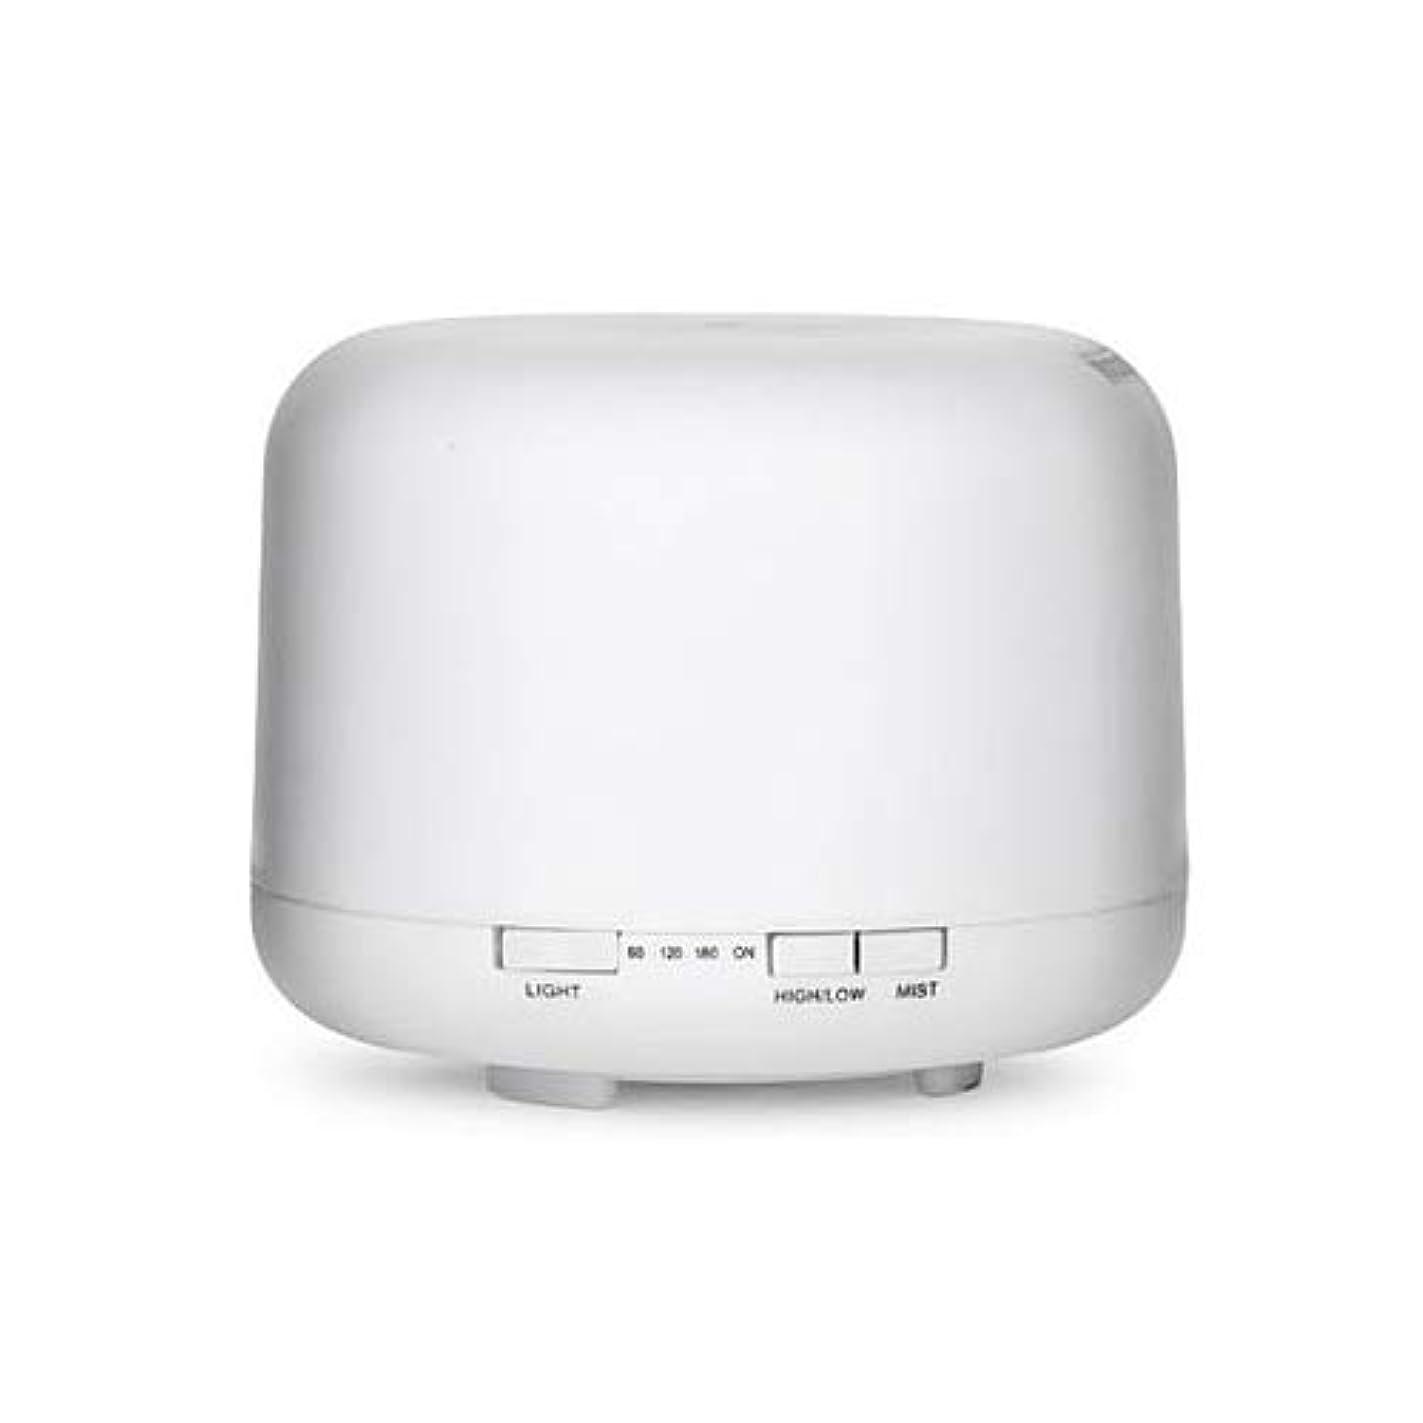 許される落ち着く肯定的WONDER LABO》超音波加湿器 ミスト アロマディフューザー 加湿器 気化式 乾燥対策 7色変換LED付き 卓上 オフィス 空焚き防止 静音 500ml